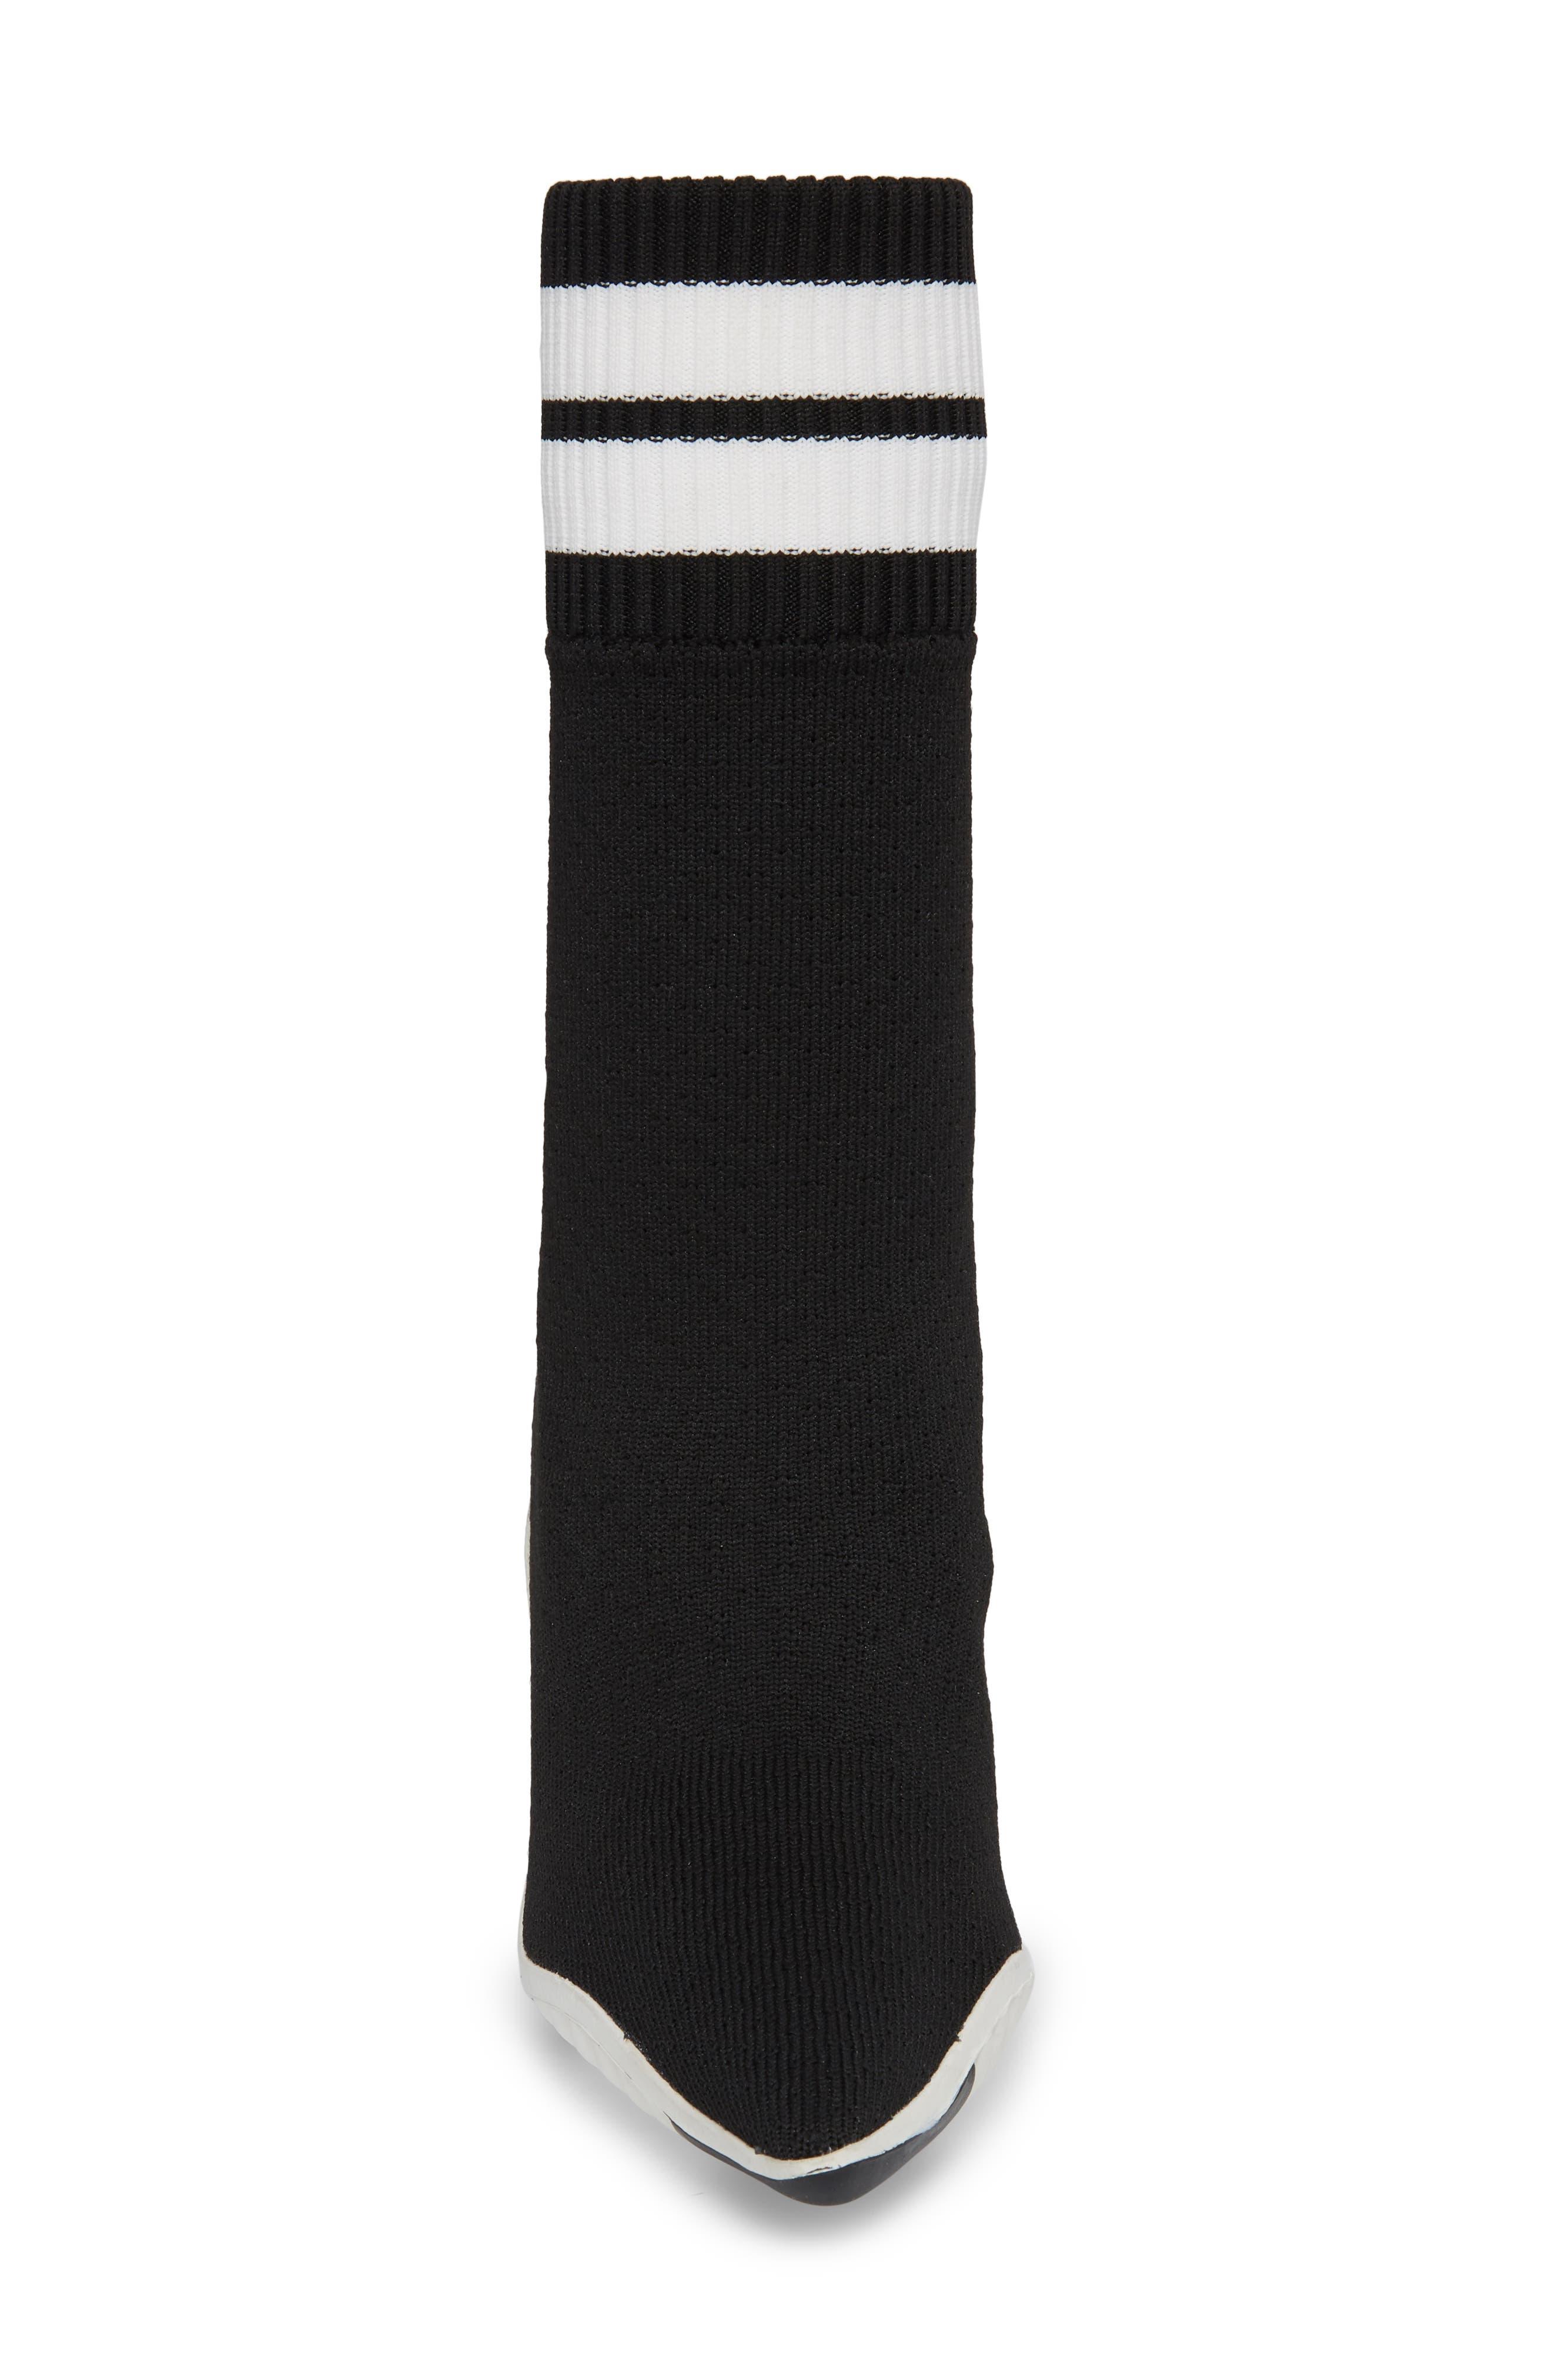 Goal Sock Sneaker Bootie,                             Alternate thumbnail 4, color,                             Black/ White Fabric